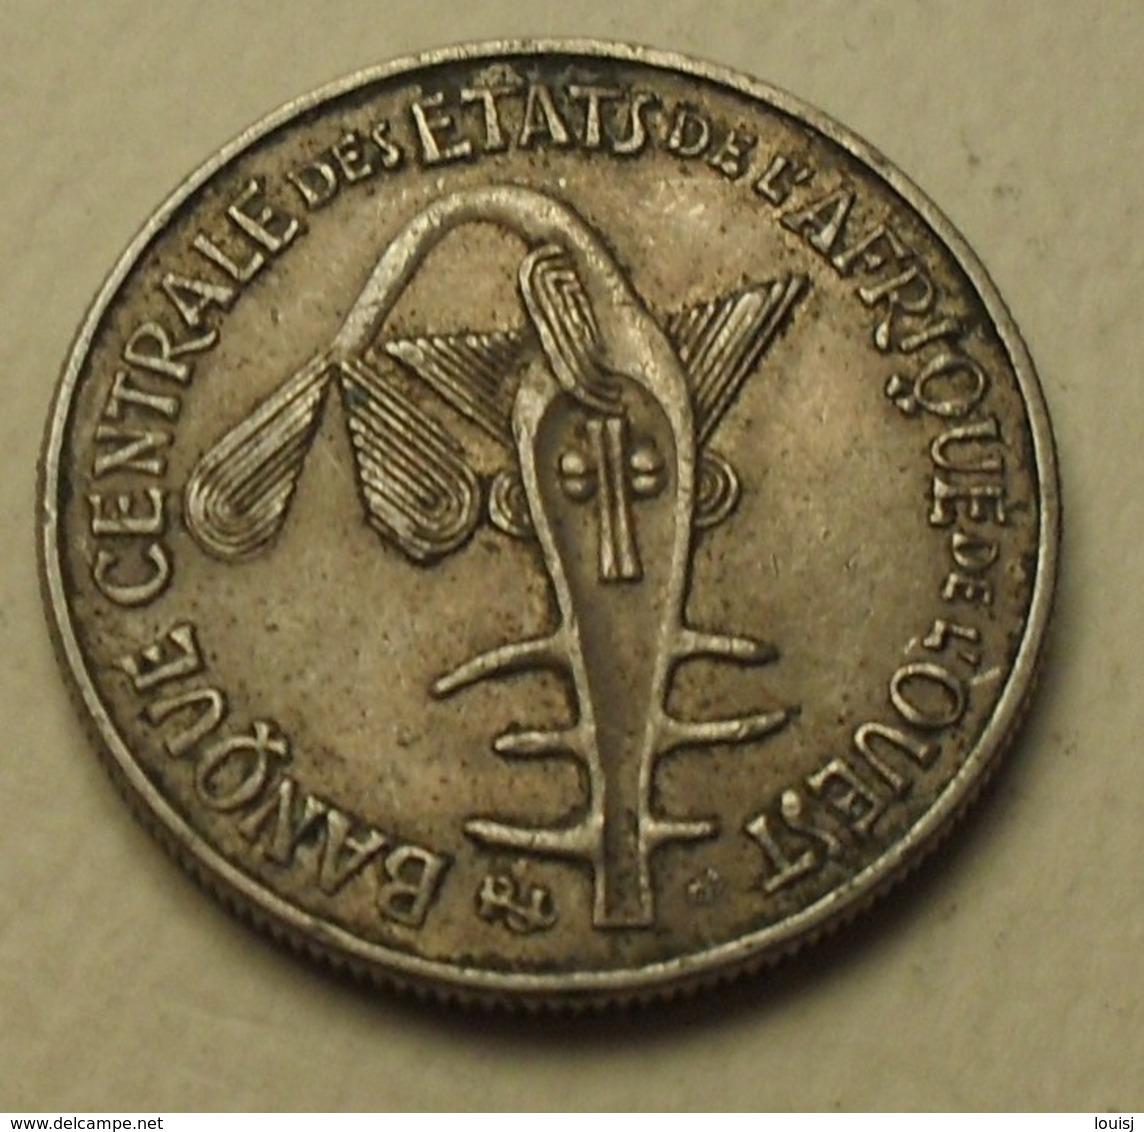 1984 - Afrique De L'Ouest - West African States - 50 FRANCS, BCEAO, F.A.O., KM 6 - Monnaies